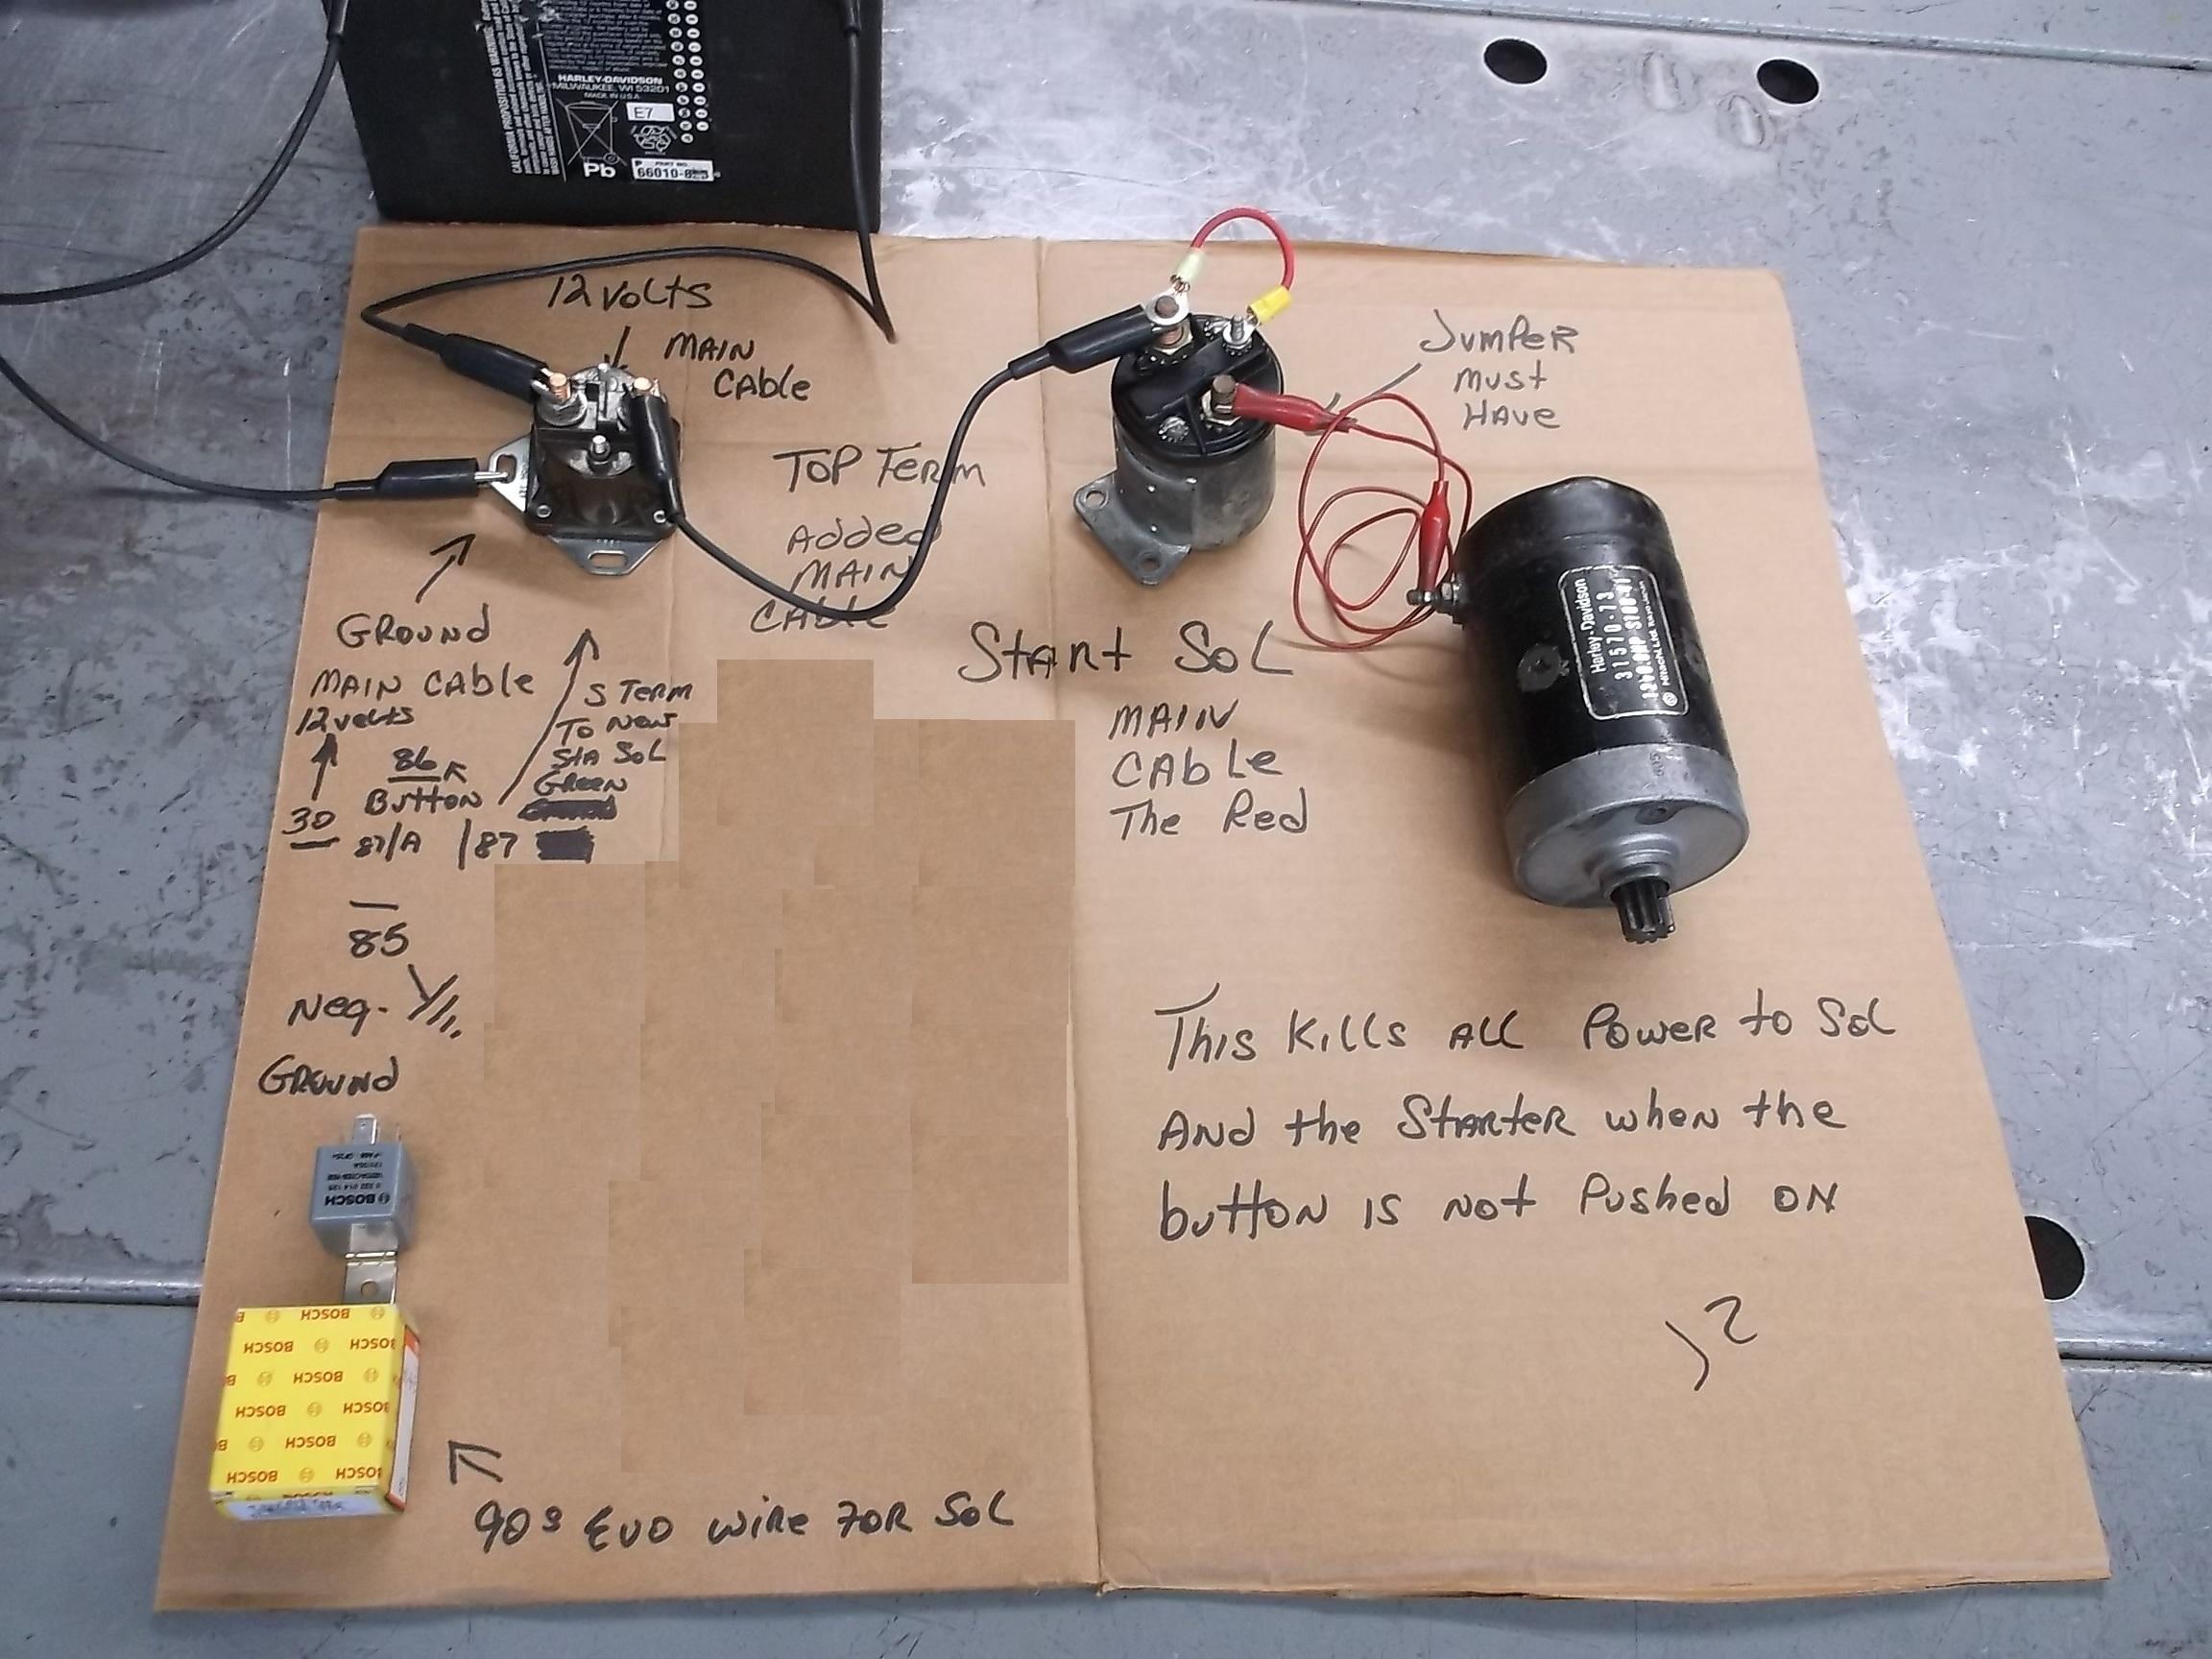 Starter Relay Wiring Diagram   Wiring Diagram - Starter Relay Wiring Diagram